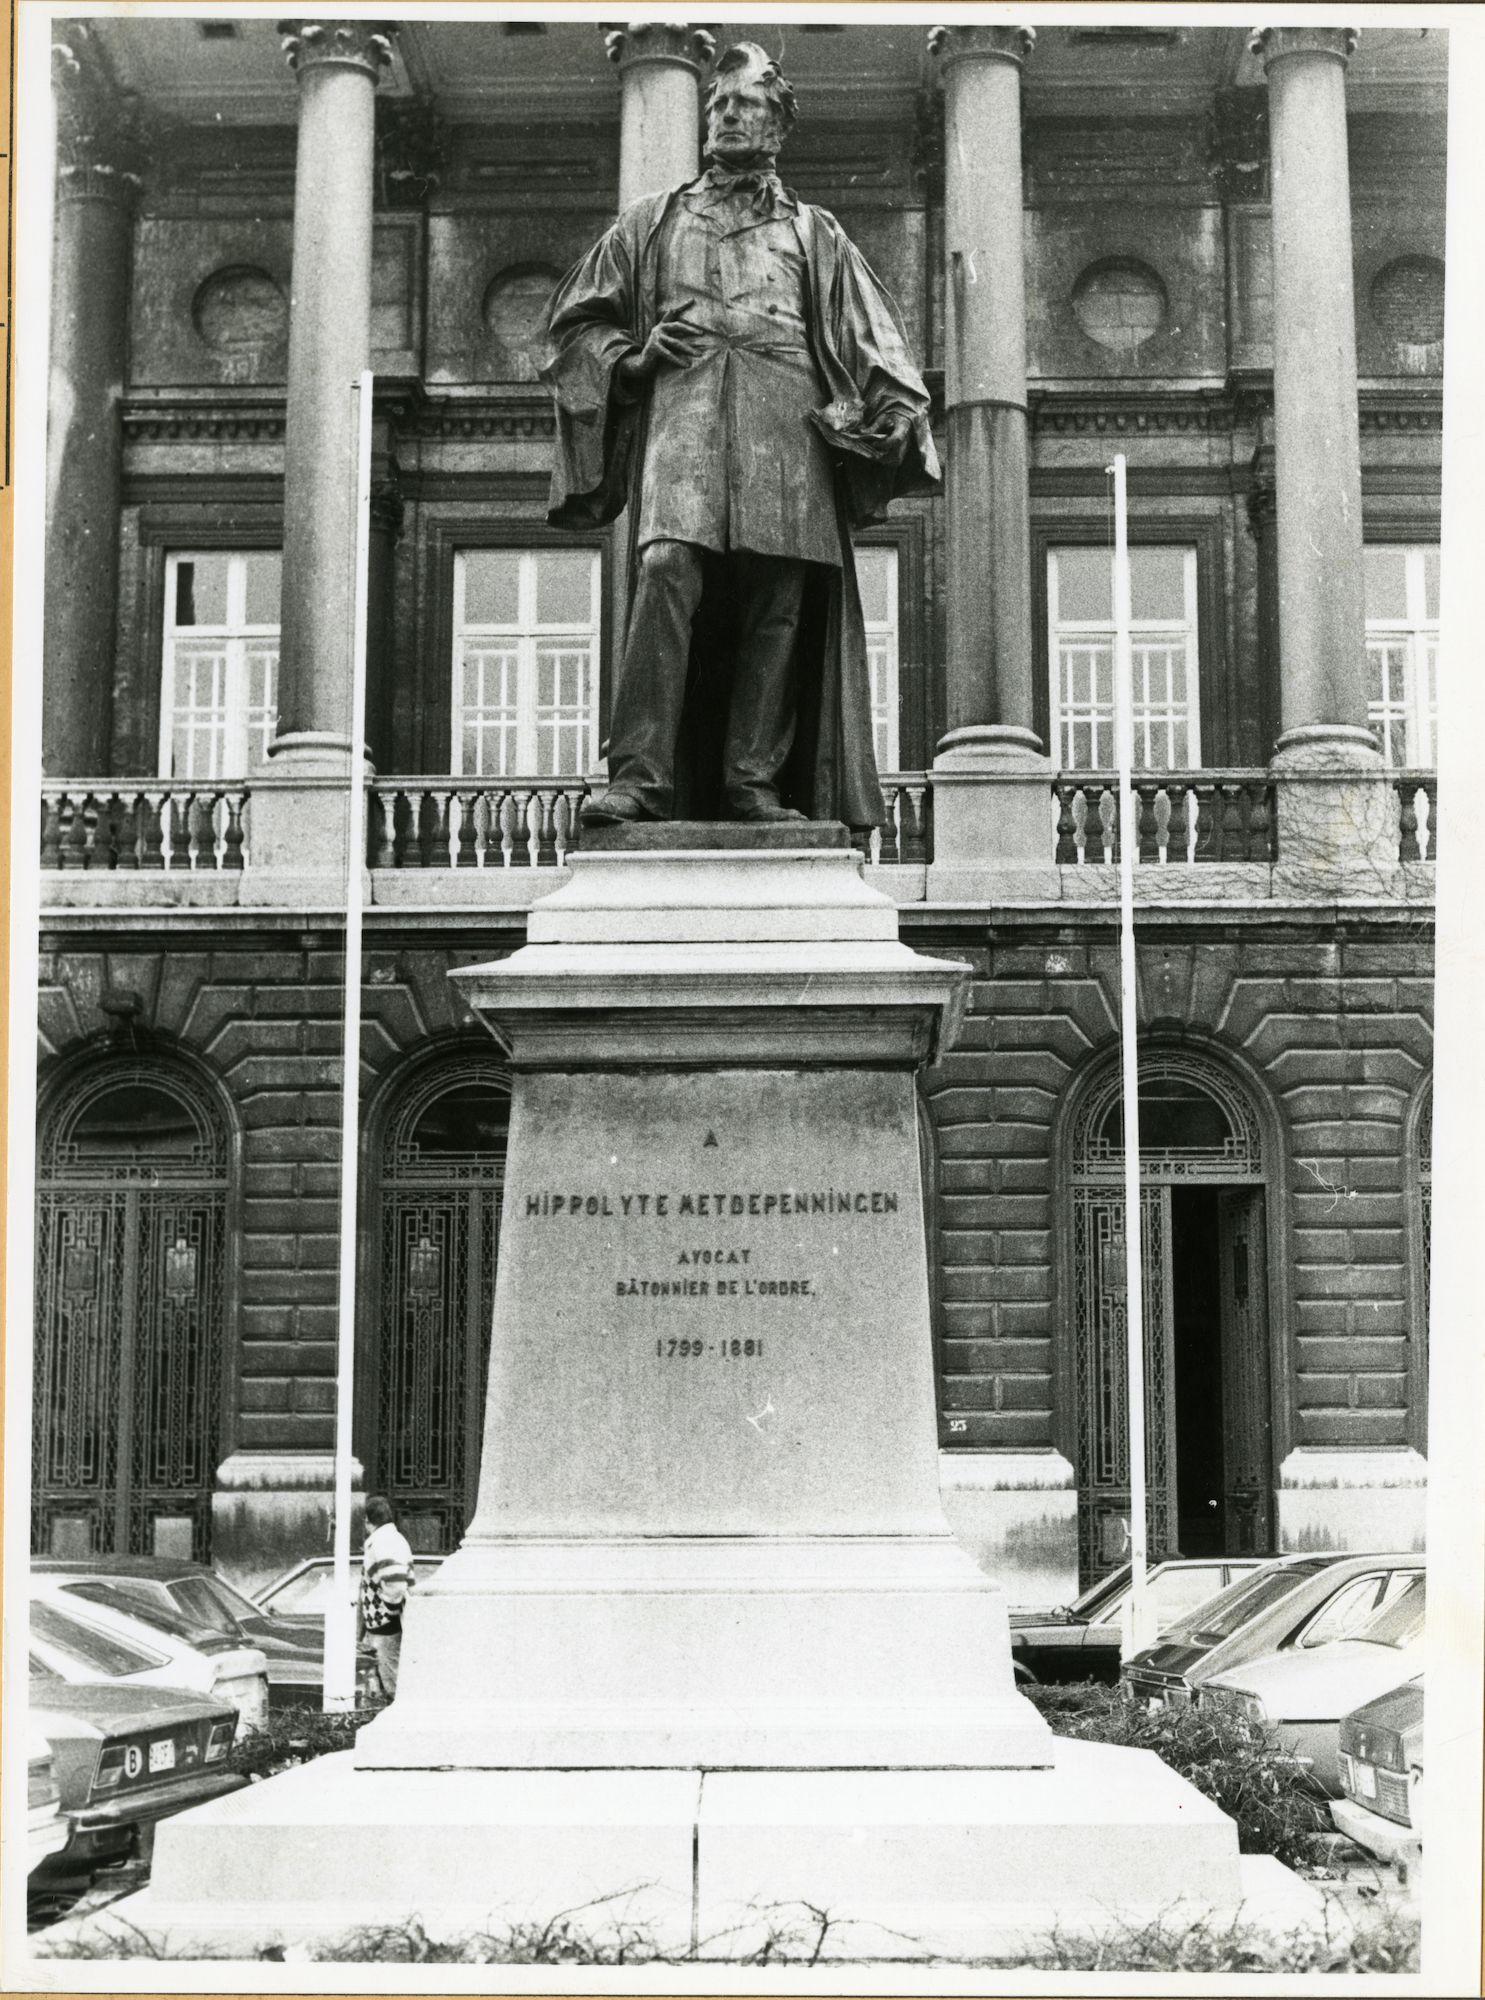 Gent: Koophandelsplein: Standbeeld van Hippolyte Metdepenningen